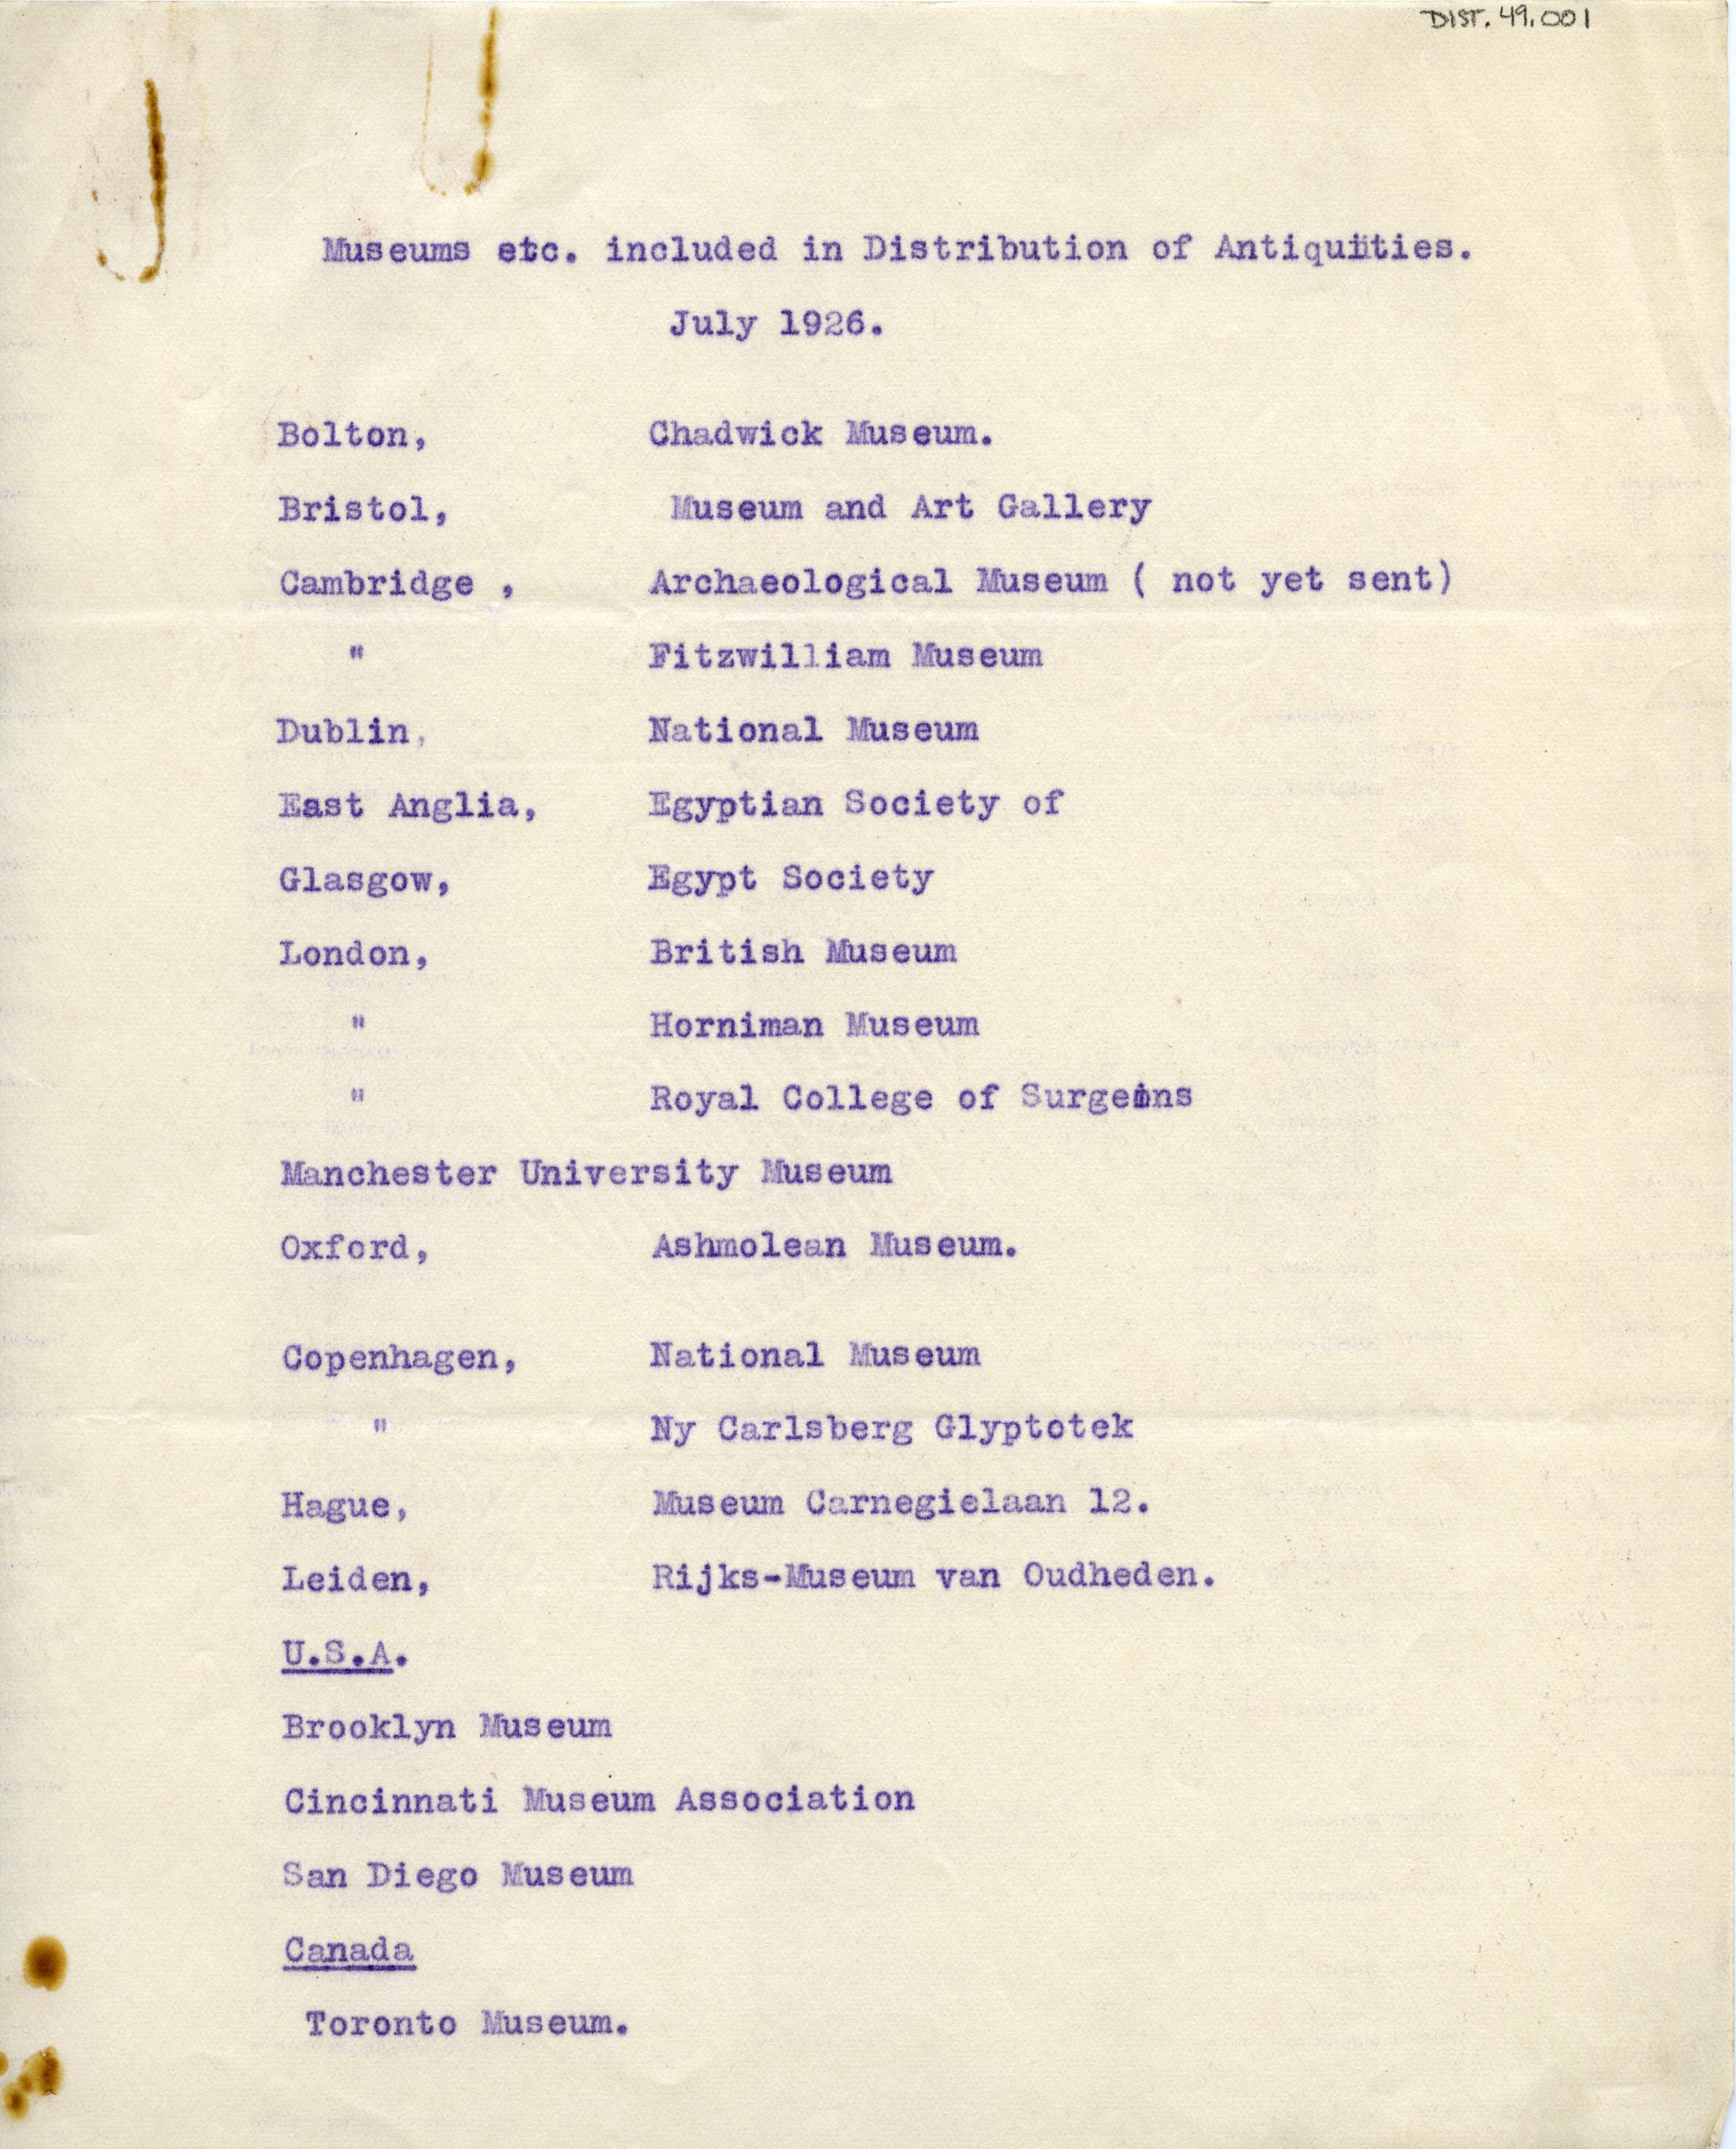 1926-27 el-Amarna DIST.49.001a